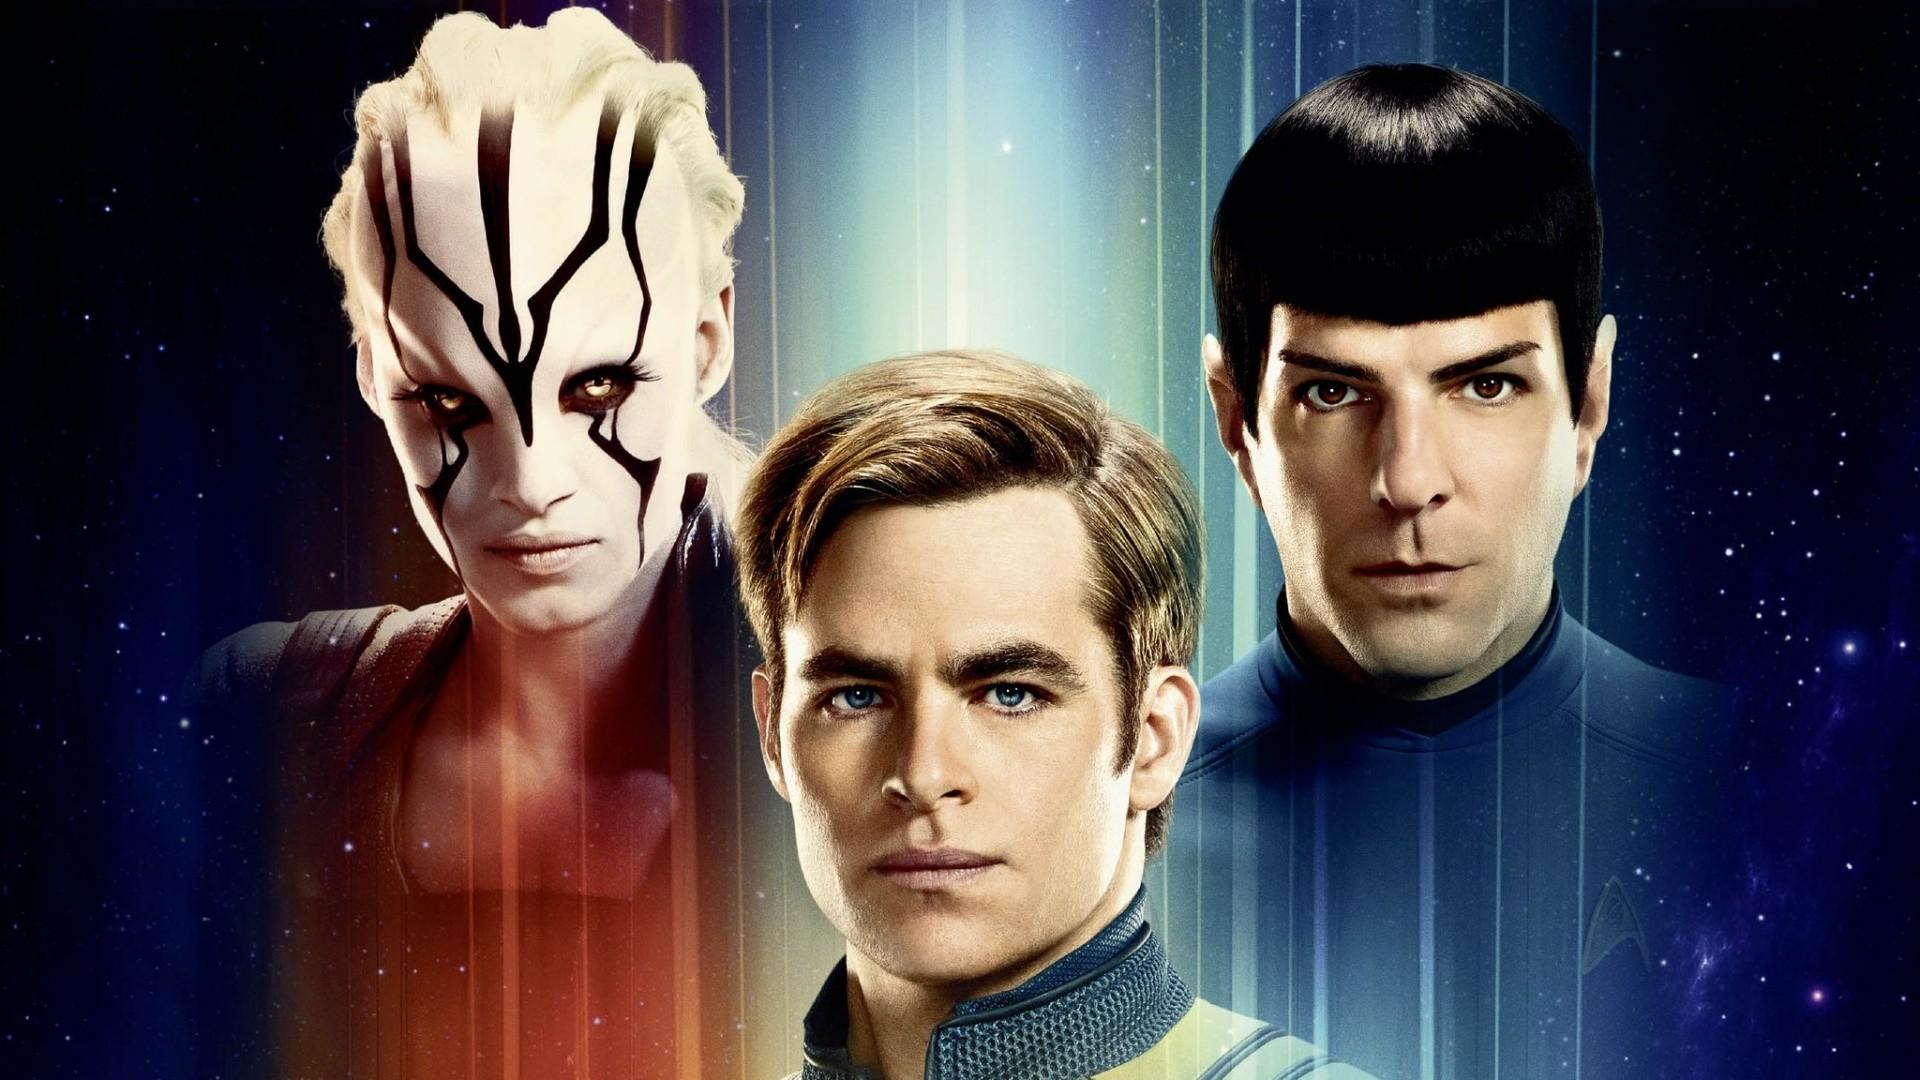 Star Trek Beyond Wallpaper Screen Backgrounds